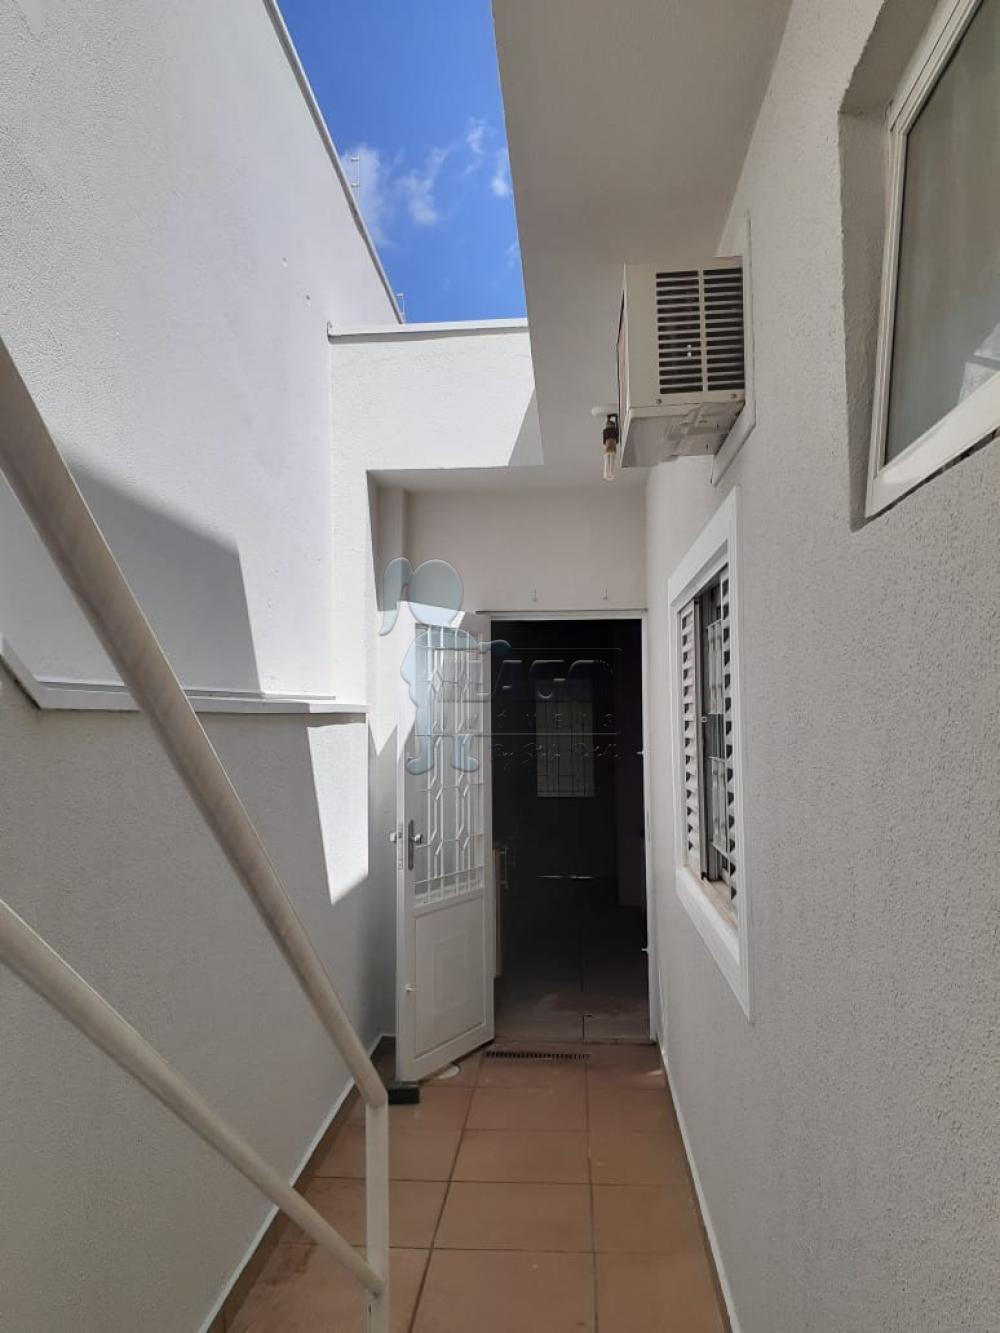 Alugar Casas / Padrão em Ribeirão Preto apenas R$ 1.400,00 - Foto 14